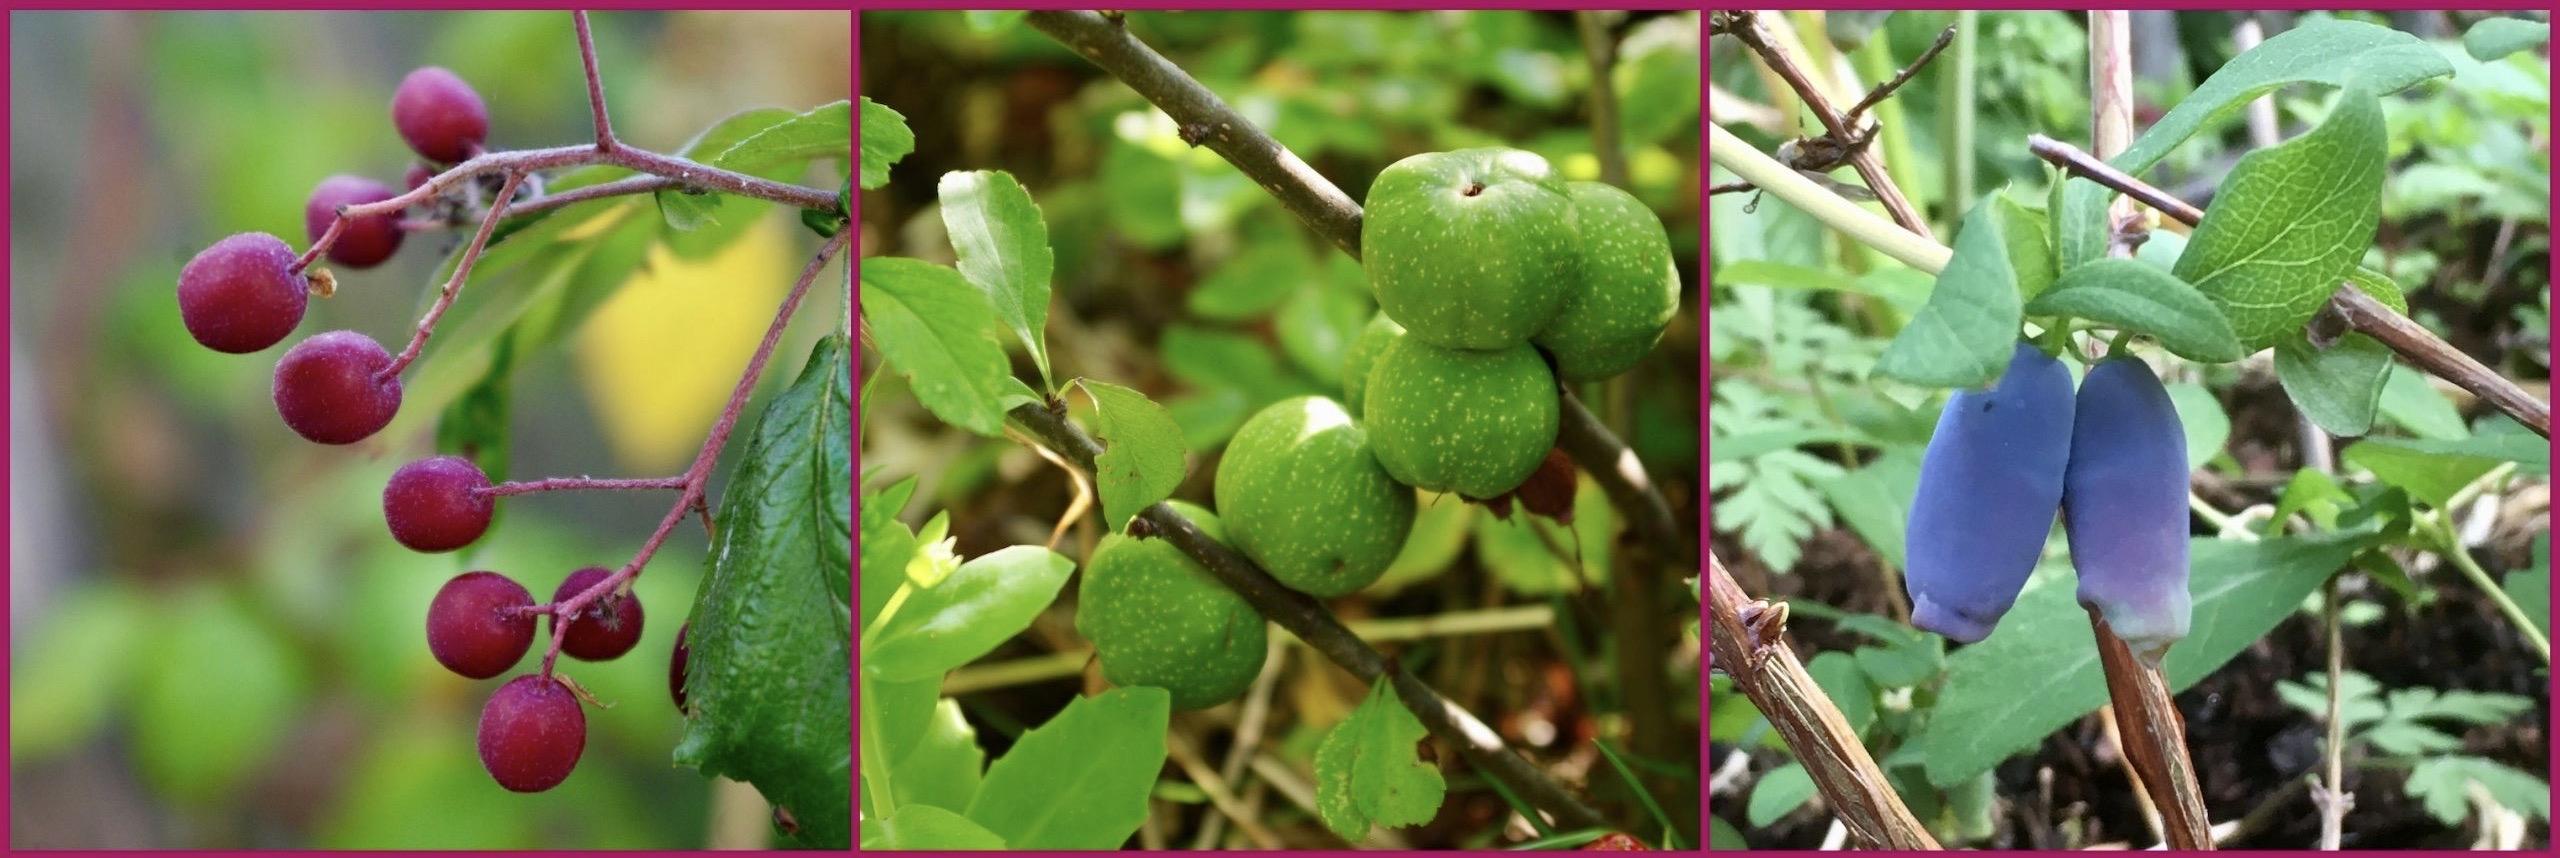 I den här ätbara trädgården ingår även lite ovanligare bärbuskar. T.v. Sötrönn 'Granatnaja', en korsning mellan rönn och hagtorn. I mitten liten rosenkvitten och t.h. blåbärstry